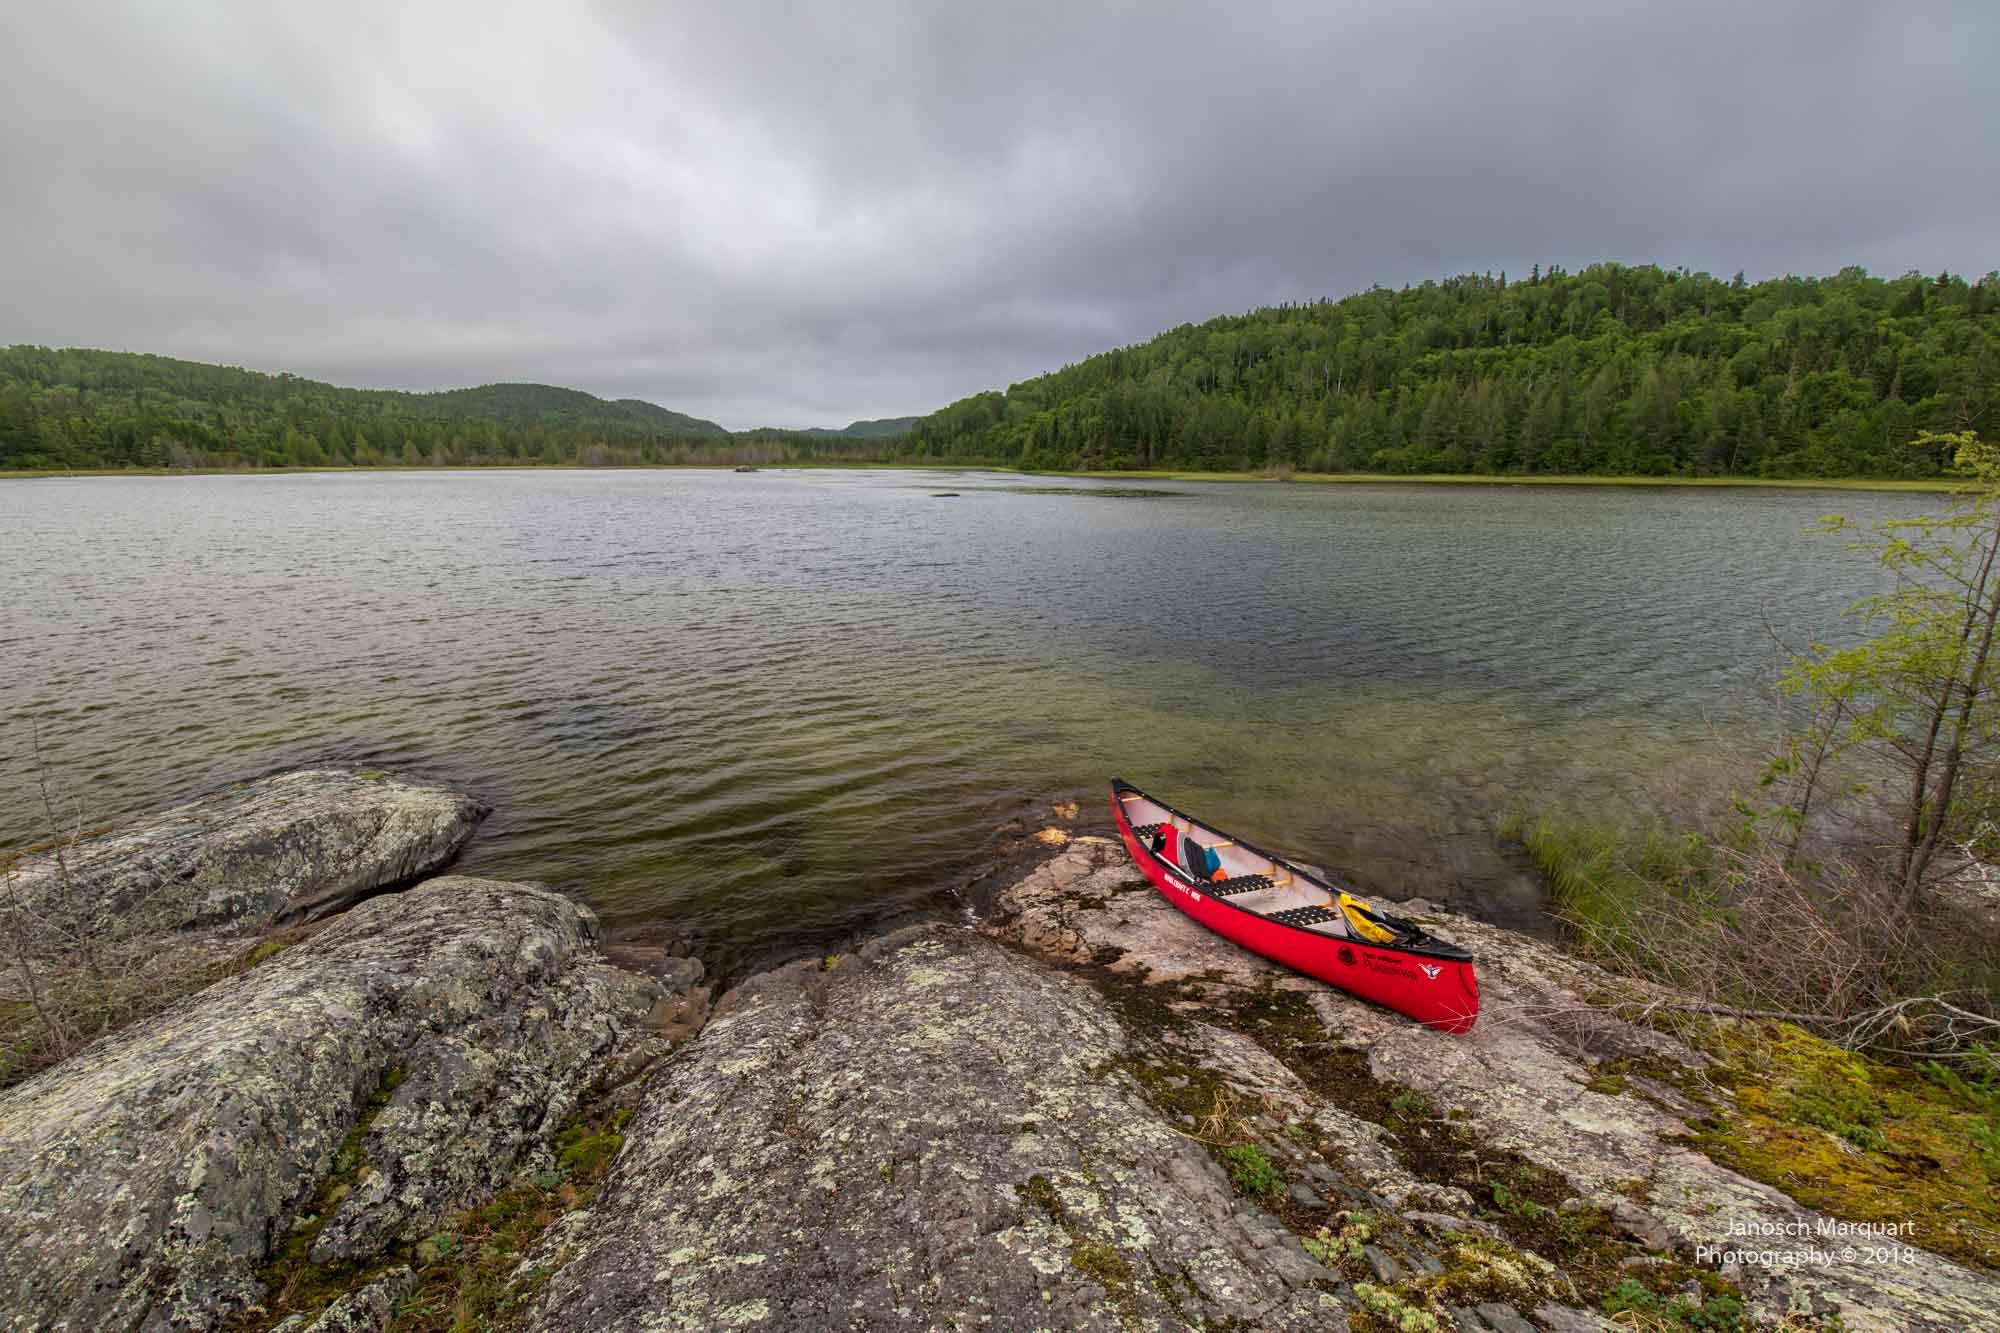 Foto eines roten Kanus am Strand einer Insel.